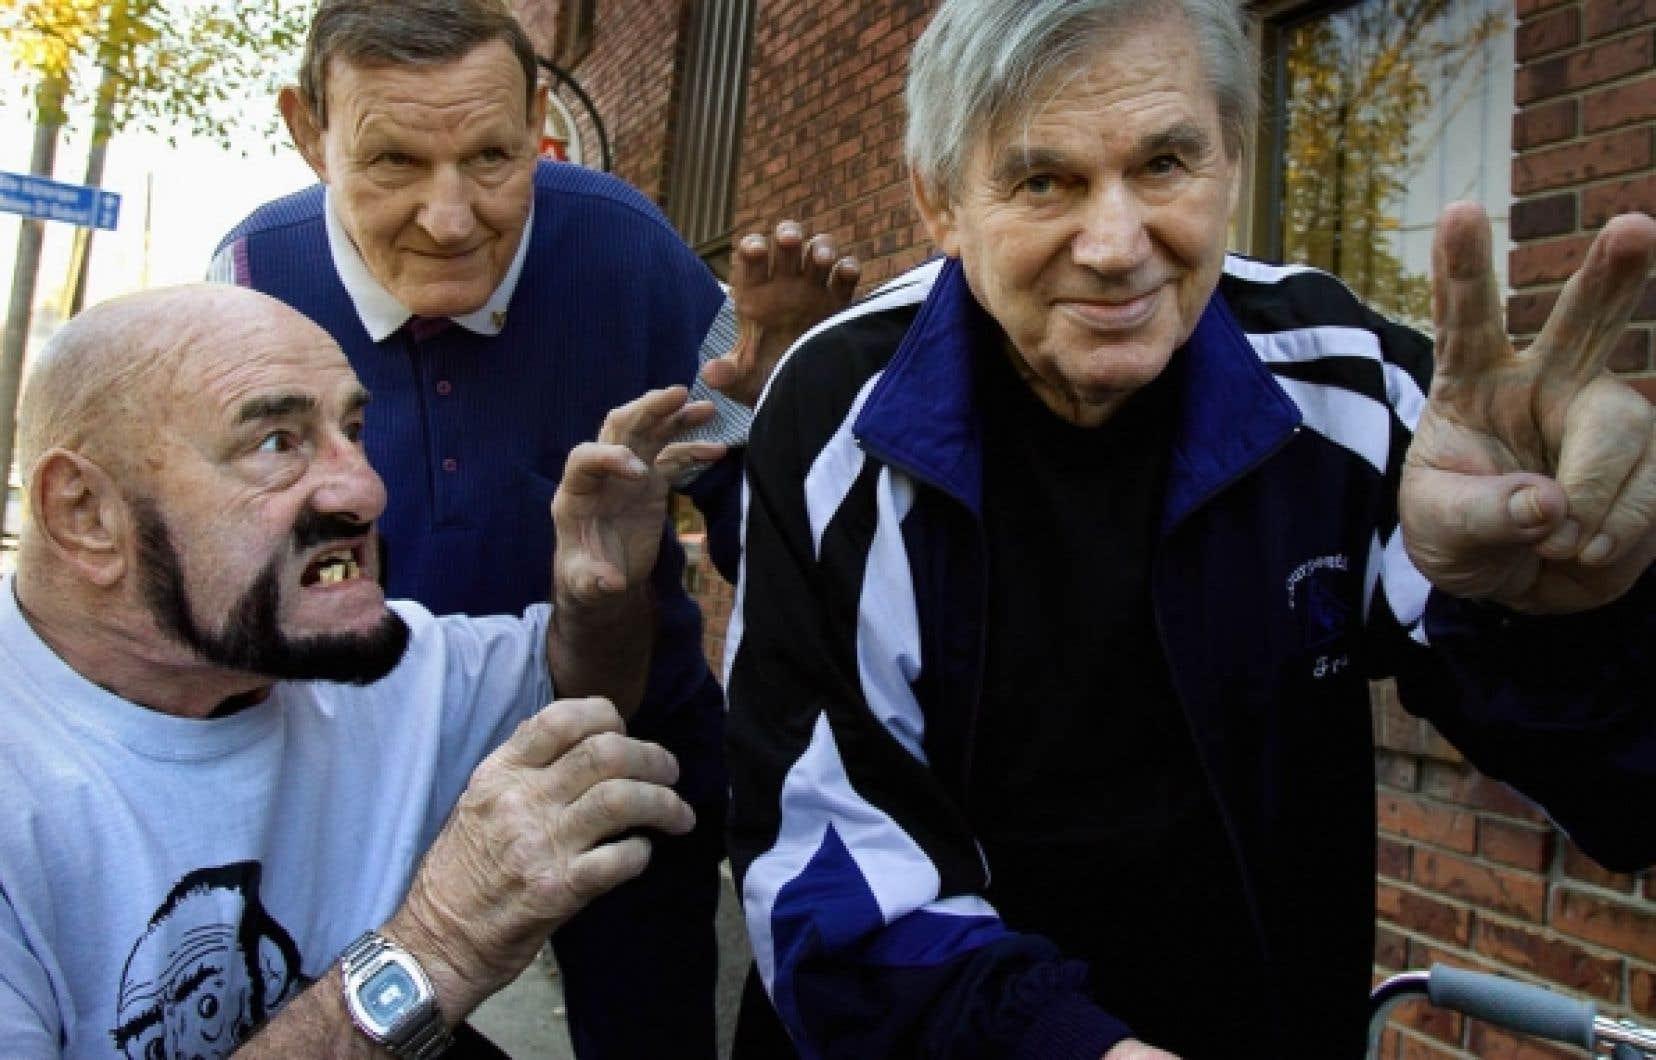 Figure l&eacute;gendaire de la lutte qu&eacute;b&eacute;coise, Edouard Carpentier (&agrave; droite) est mort samedi &agrave; 84 ans. Il appara&icirc;t sur cette photo prise en 2006 en compagnie de ses rivaux de toujours, Maurice &laquo;Mad Dog&raquo; Vachon (&agrave; gauche) et Wladek &laquo;Killer&raquo; Kowalski (d&eacute;c&eacute;d&eacute; il y a deux ans). <br /> <br />